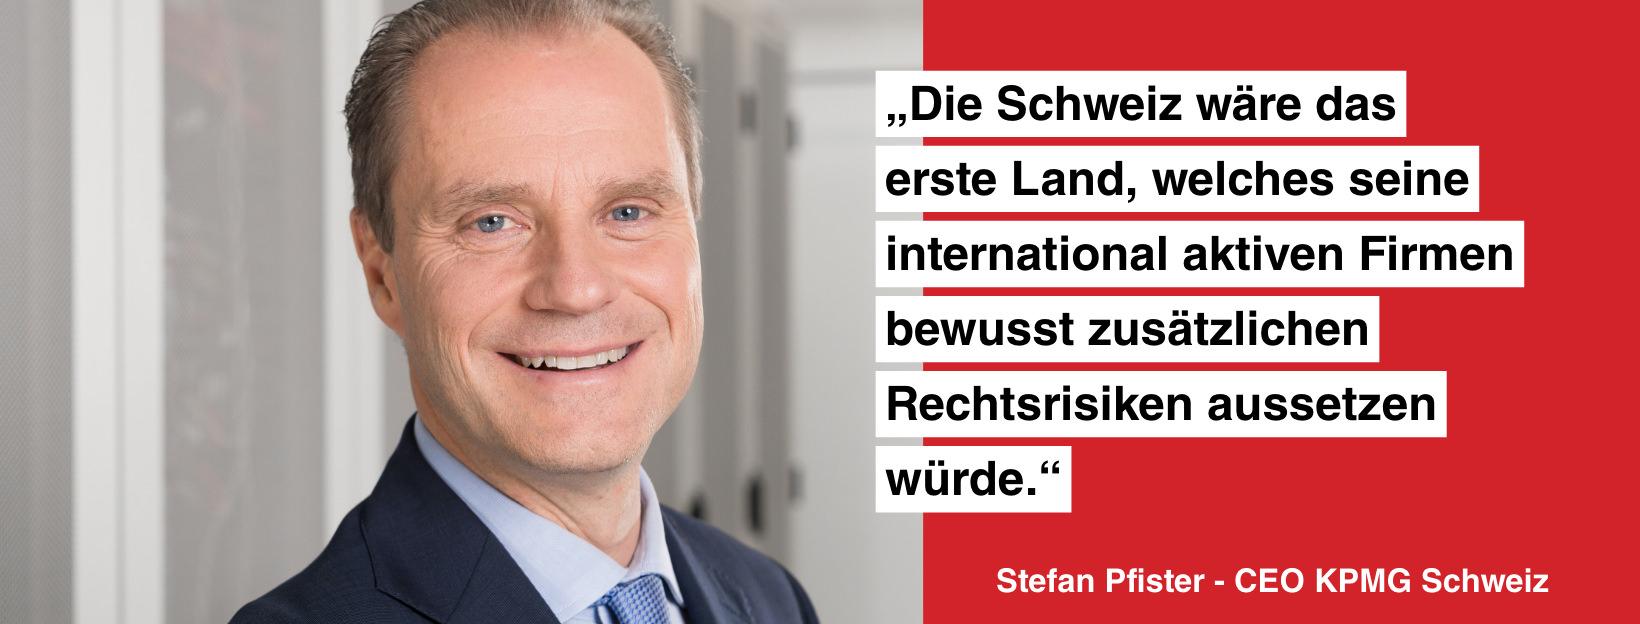 Statement von Stefan Pfister, CEO der KPMG Schweiz.